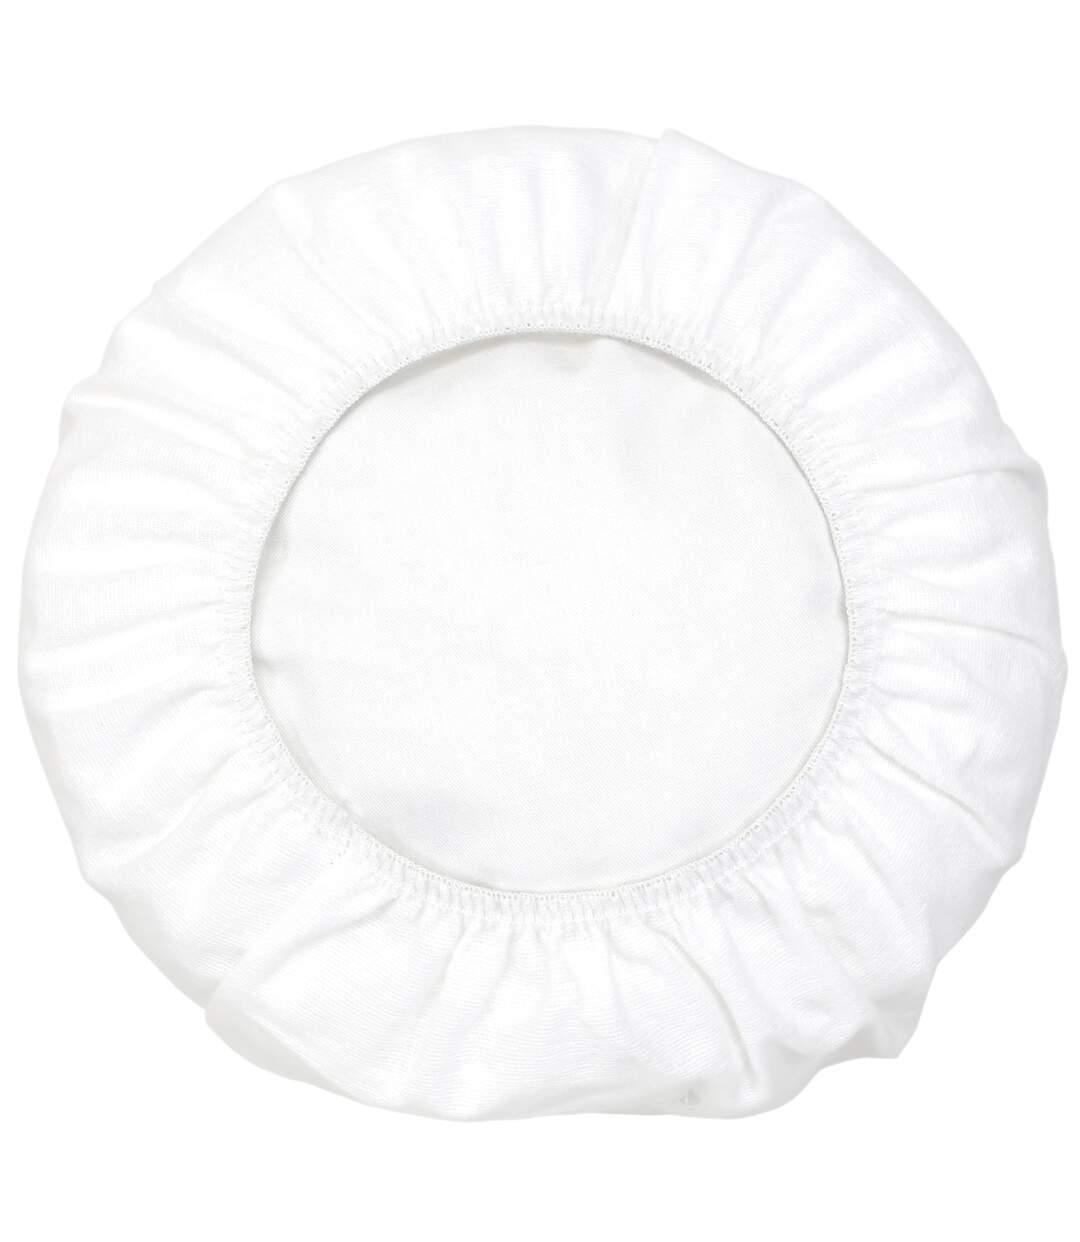 Housse de protection de traversin imperméable 80 cm ARNON molleton 100% coton contrecollé polyuréthane